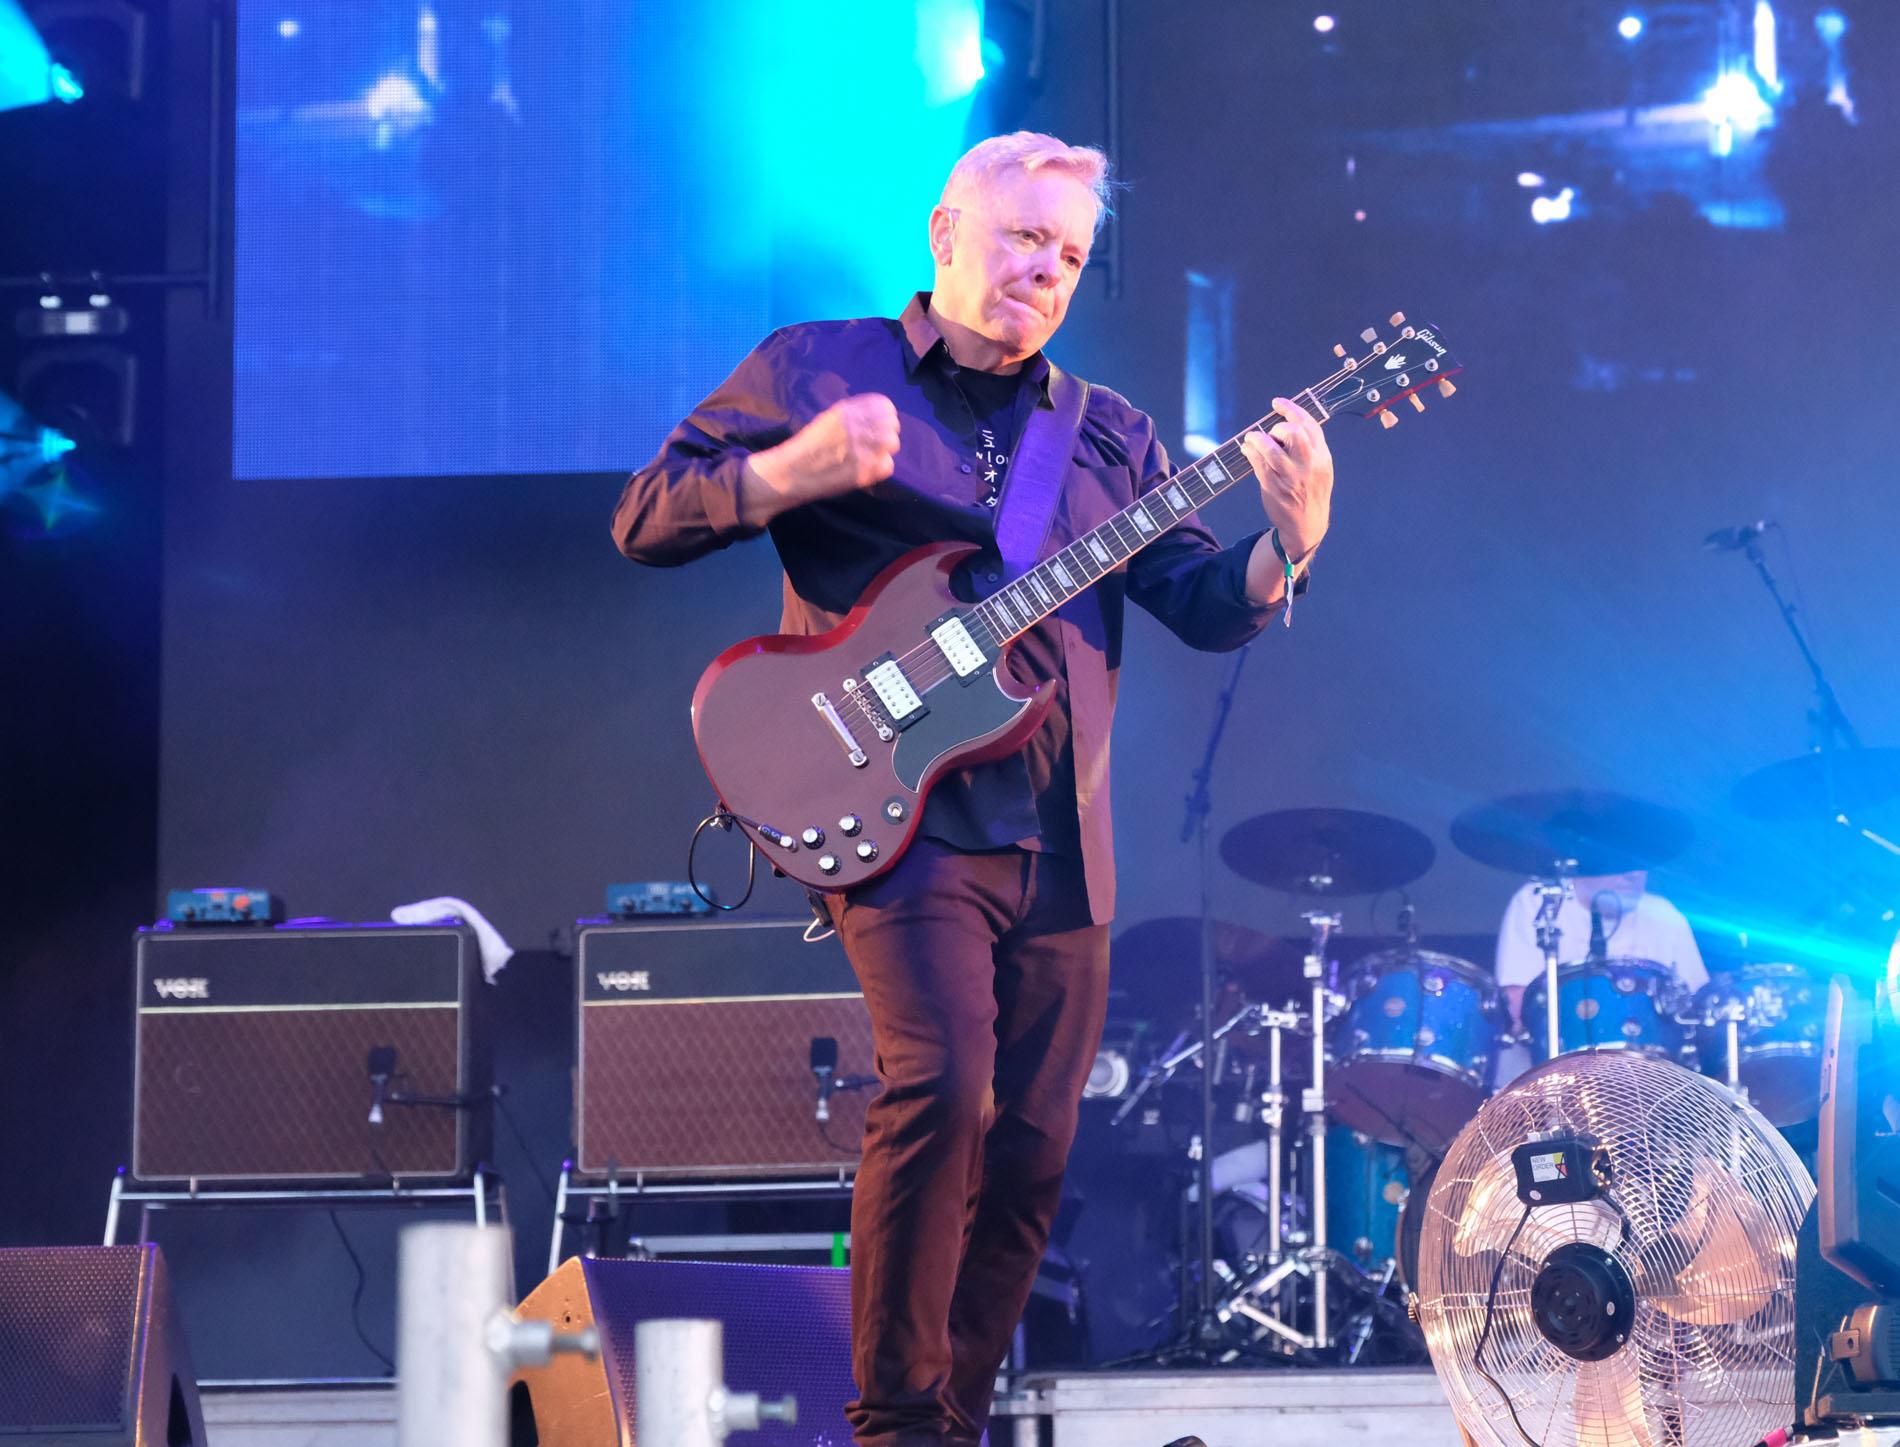 Anmeldelse NS19: New Order leverede klasse koncert og lod musikken tale